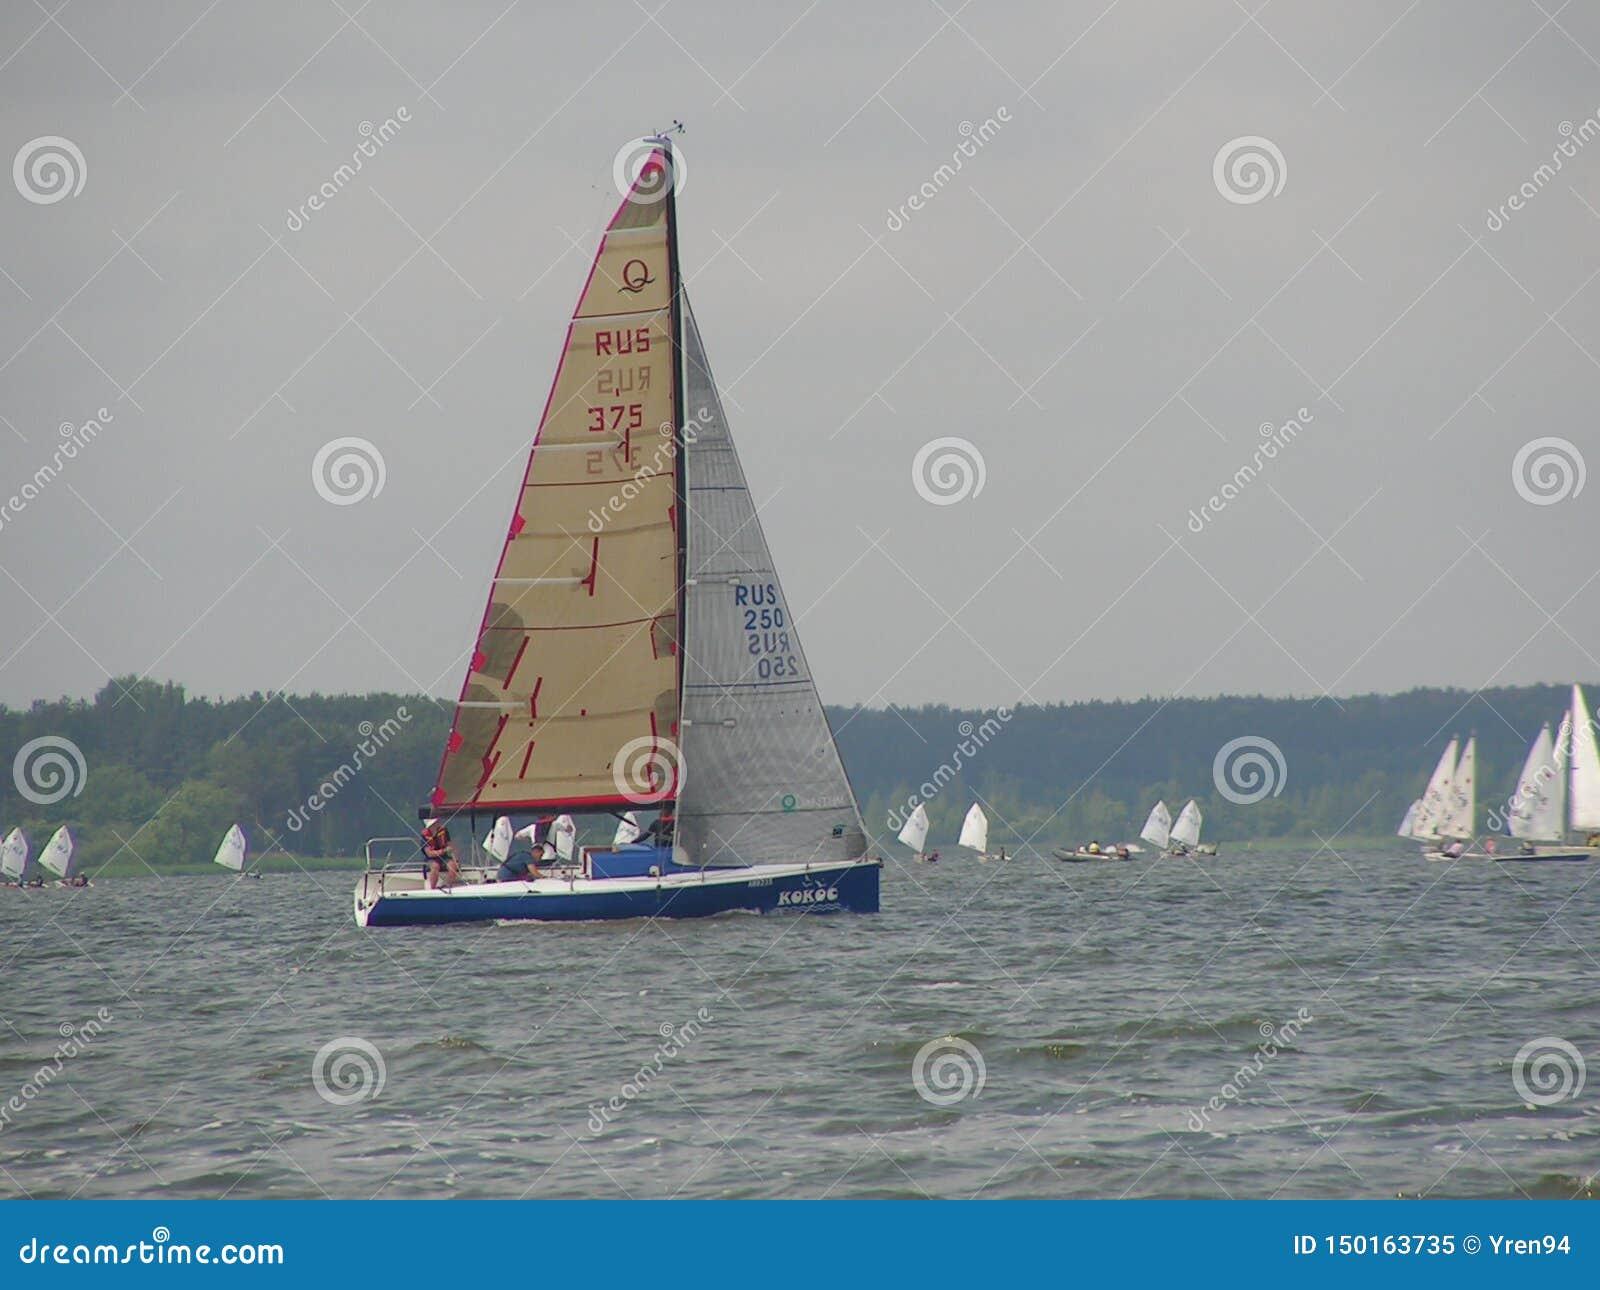 Gefährliche Konvergenz von Yachten Foto 14 von 14 Der Minsk-Meer-Zaslavskoe-Reservoir Republik Belarus